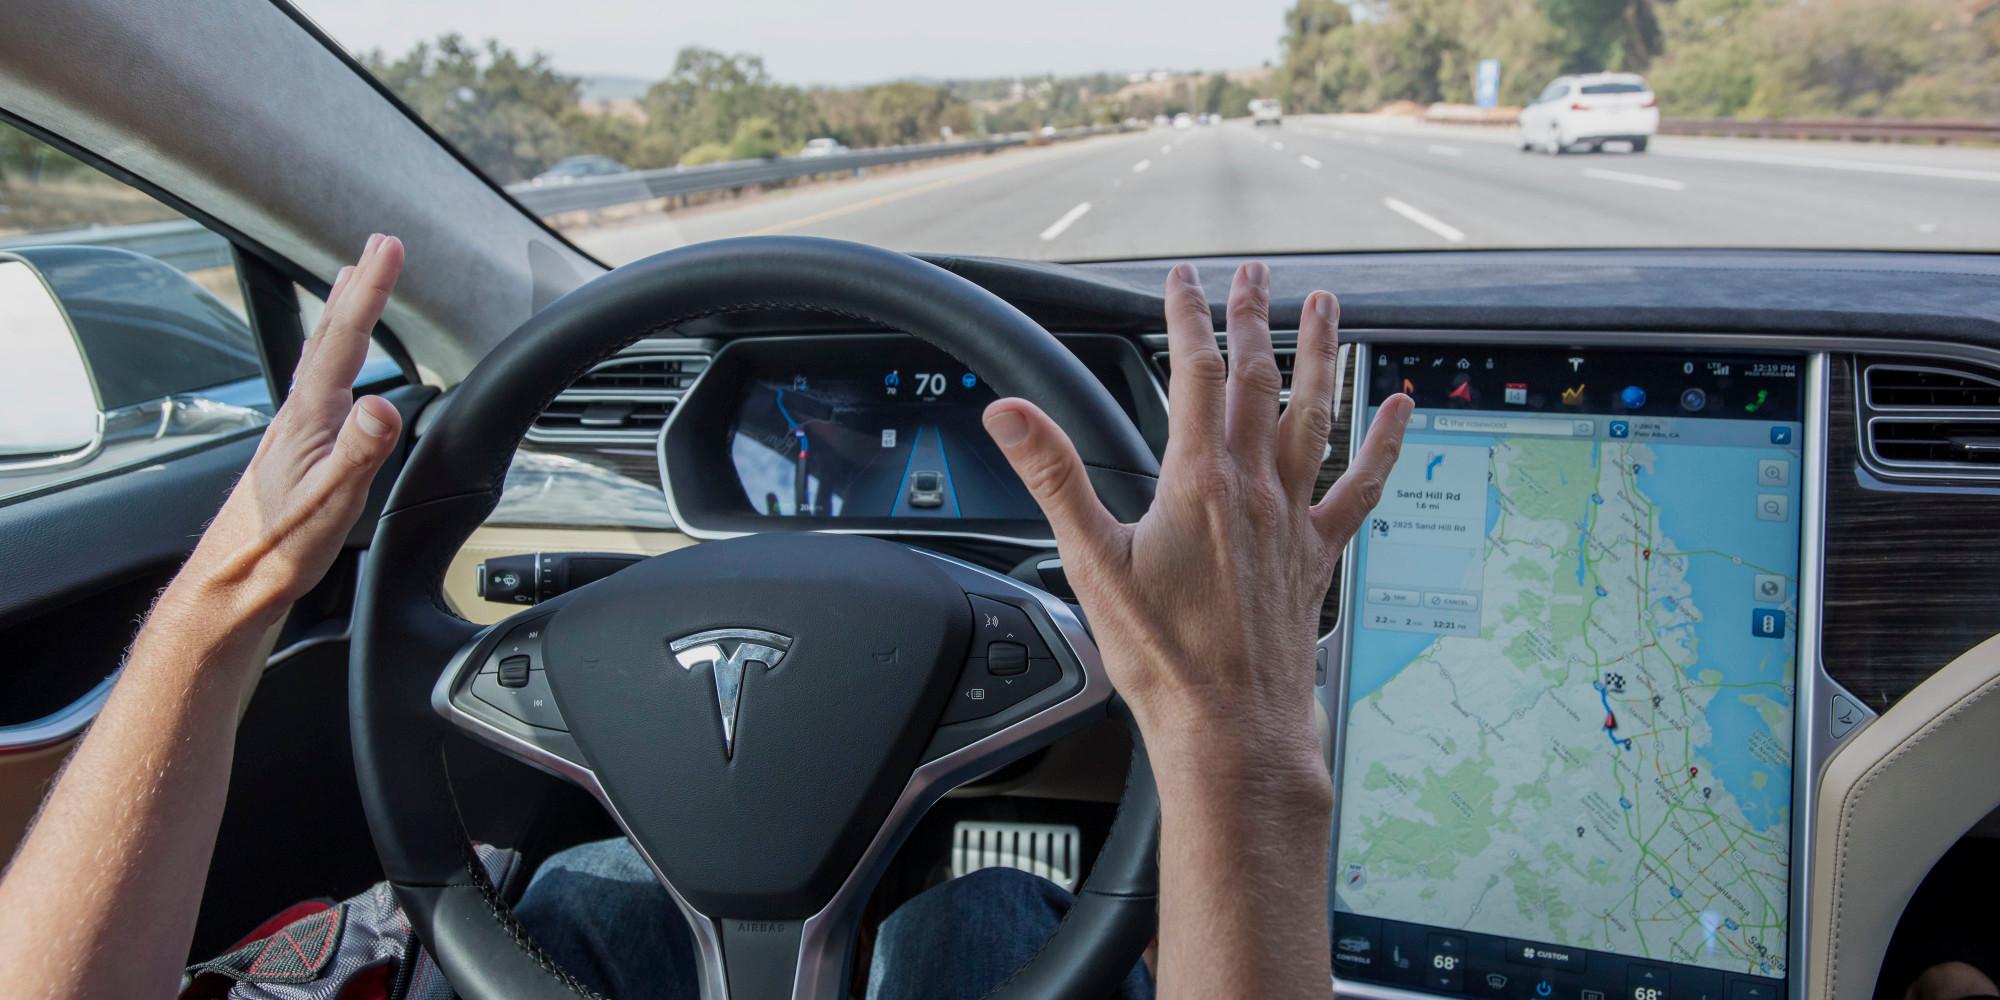 СМИ узнали подробности смертельного ДТП с Tesla Model S в режиме автопилота